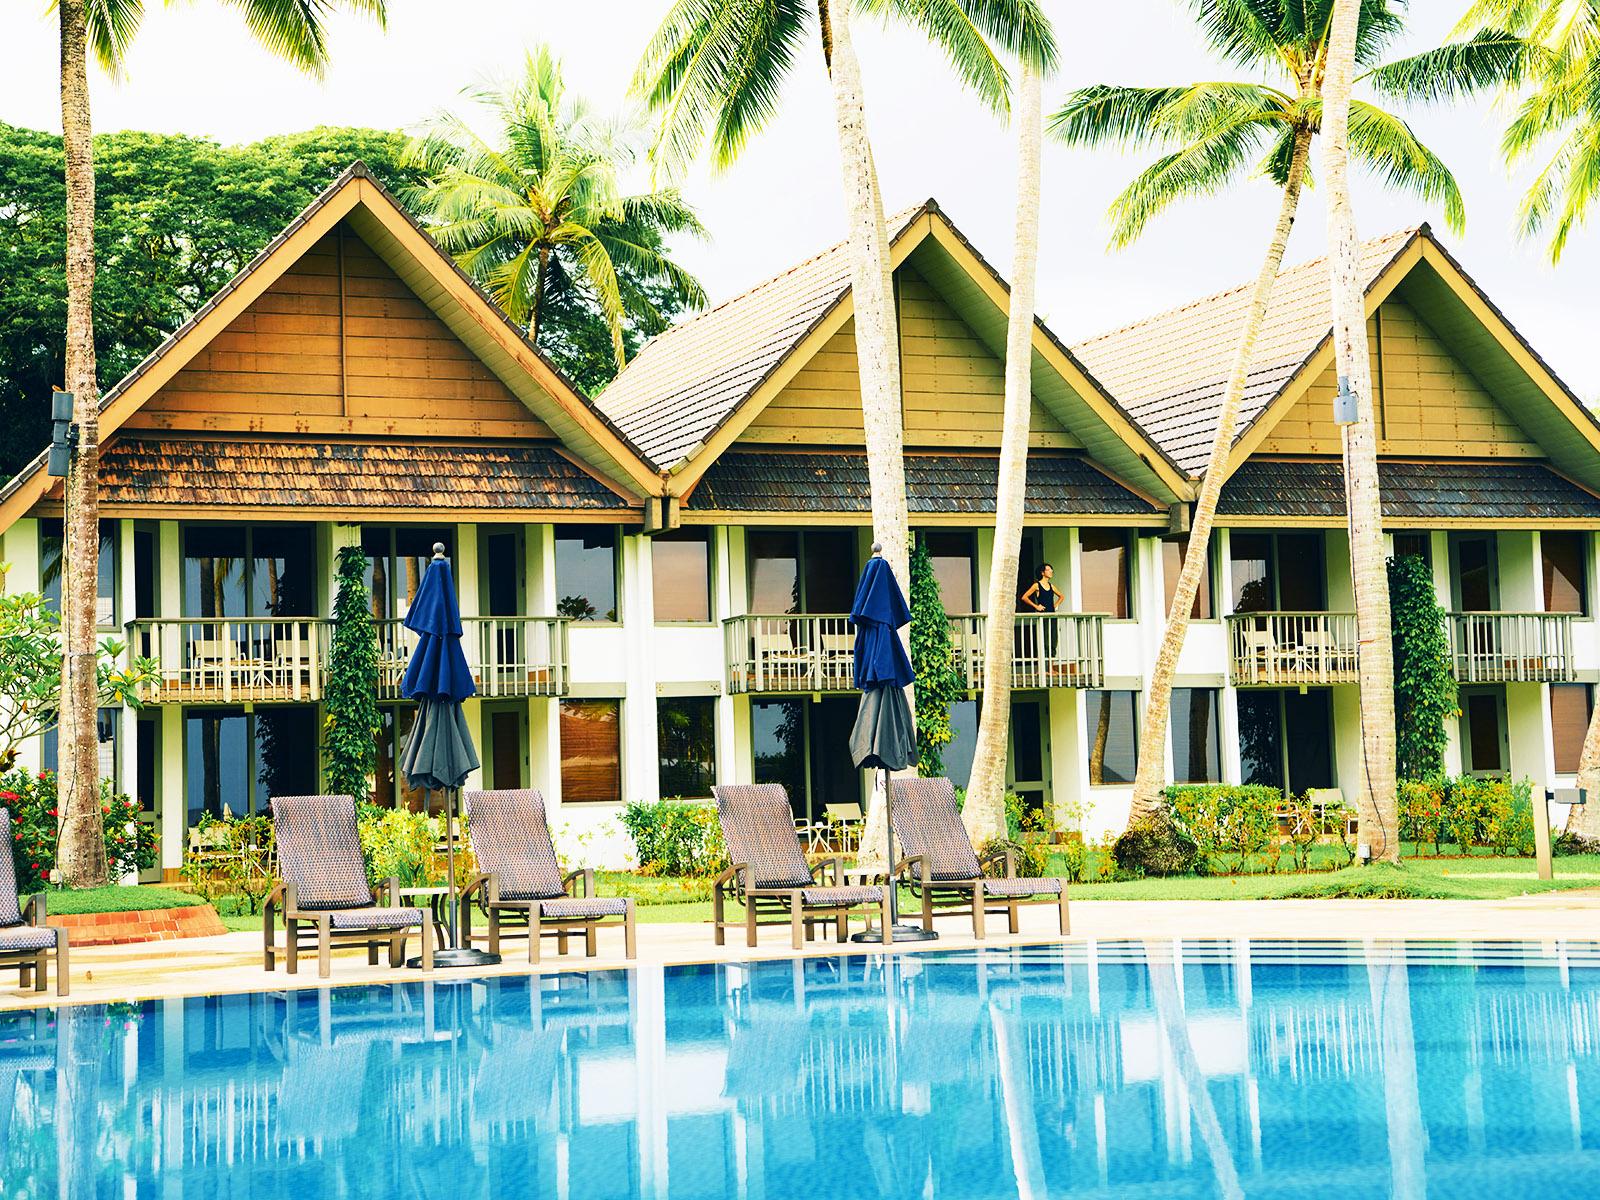 パラオのおすすめ人気ホテル10選|高級リゾートや水上コテージを紹介